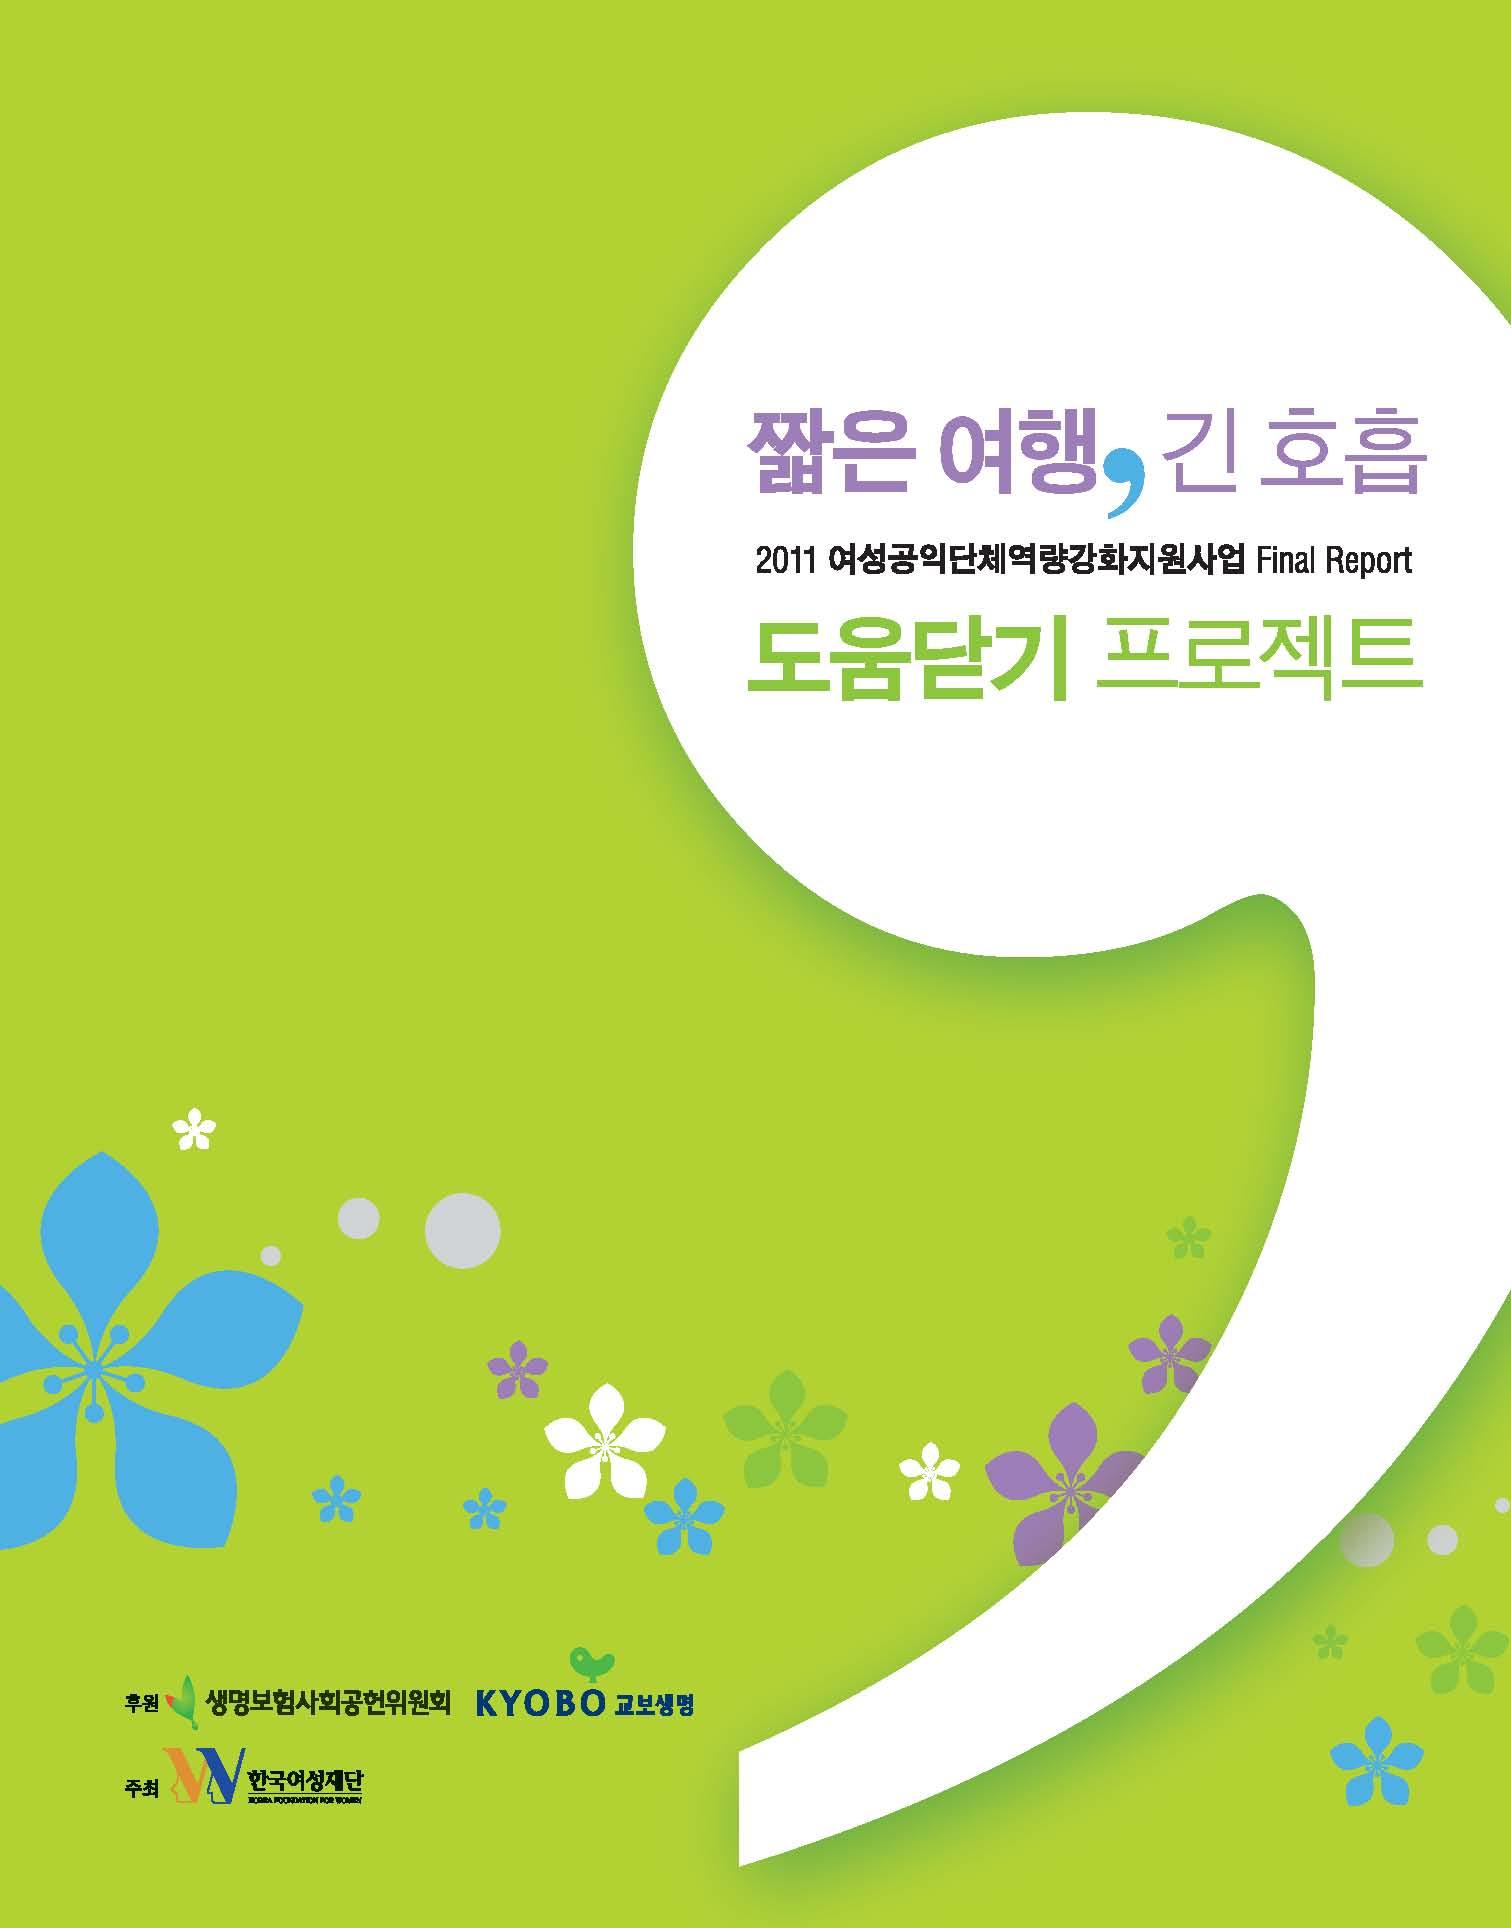 페이지_ [결과보고서]%20여성공익단체역량강화지원사업[1].jpg